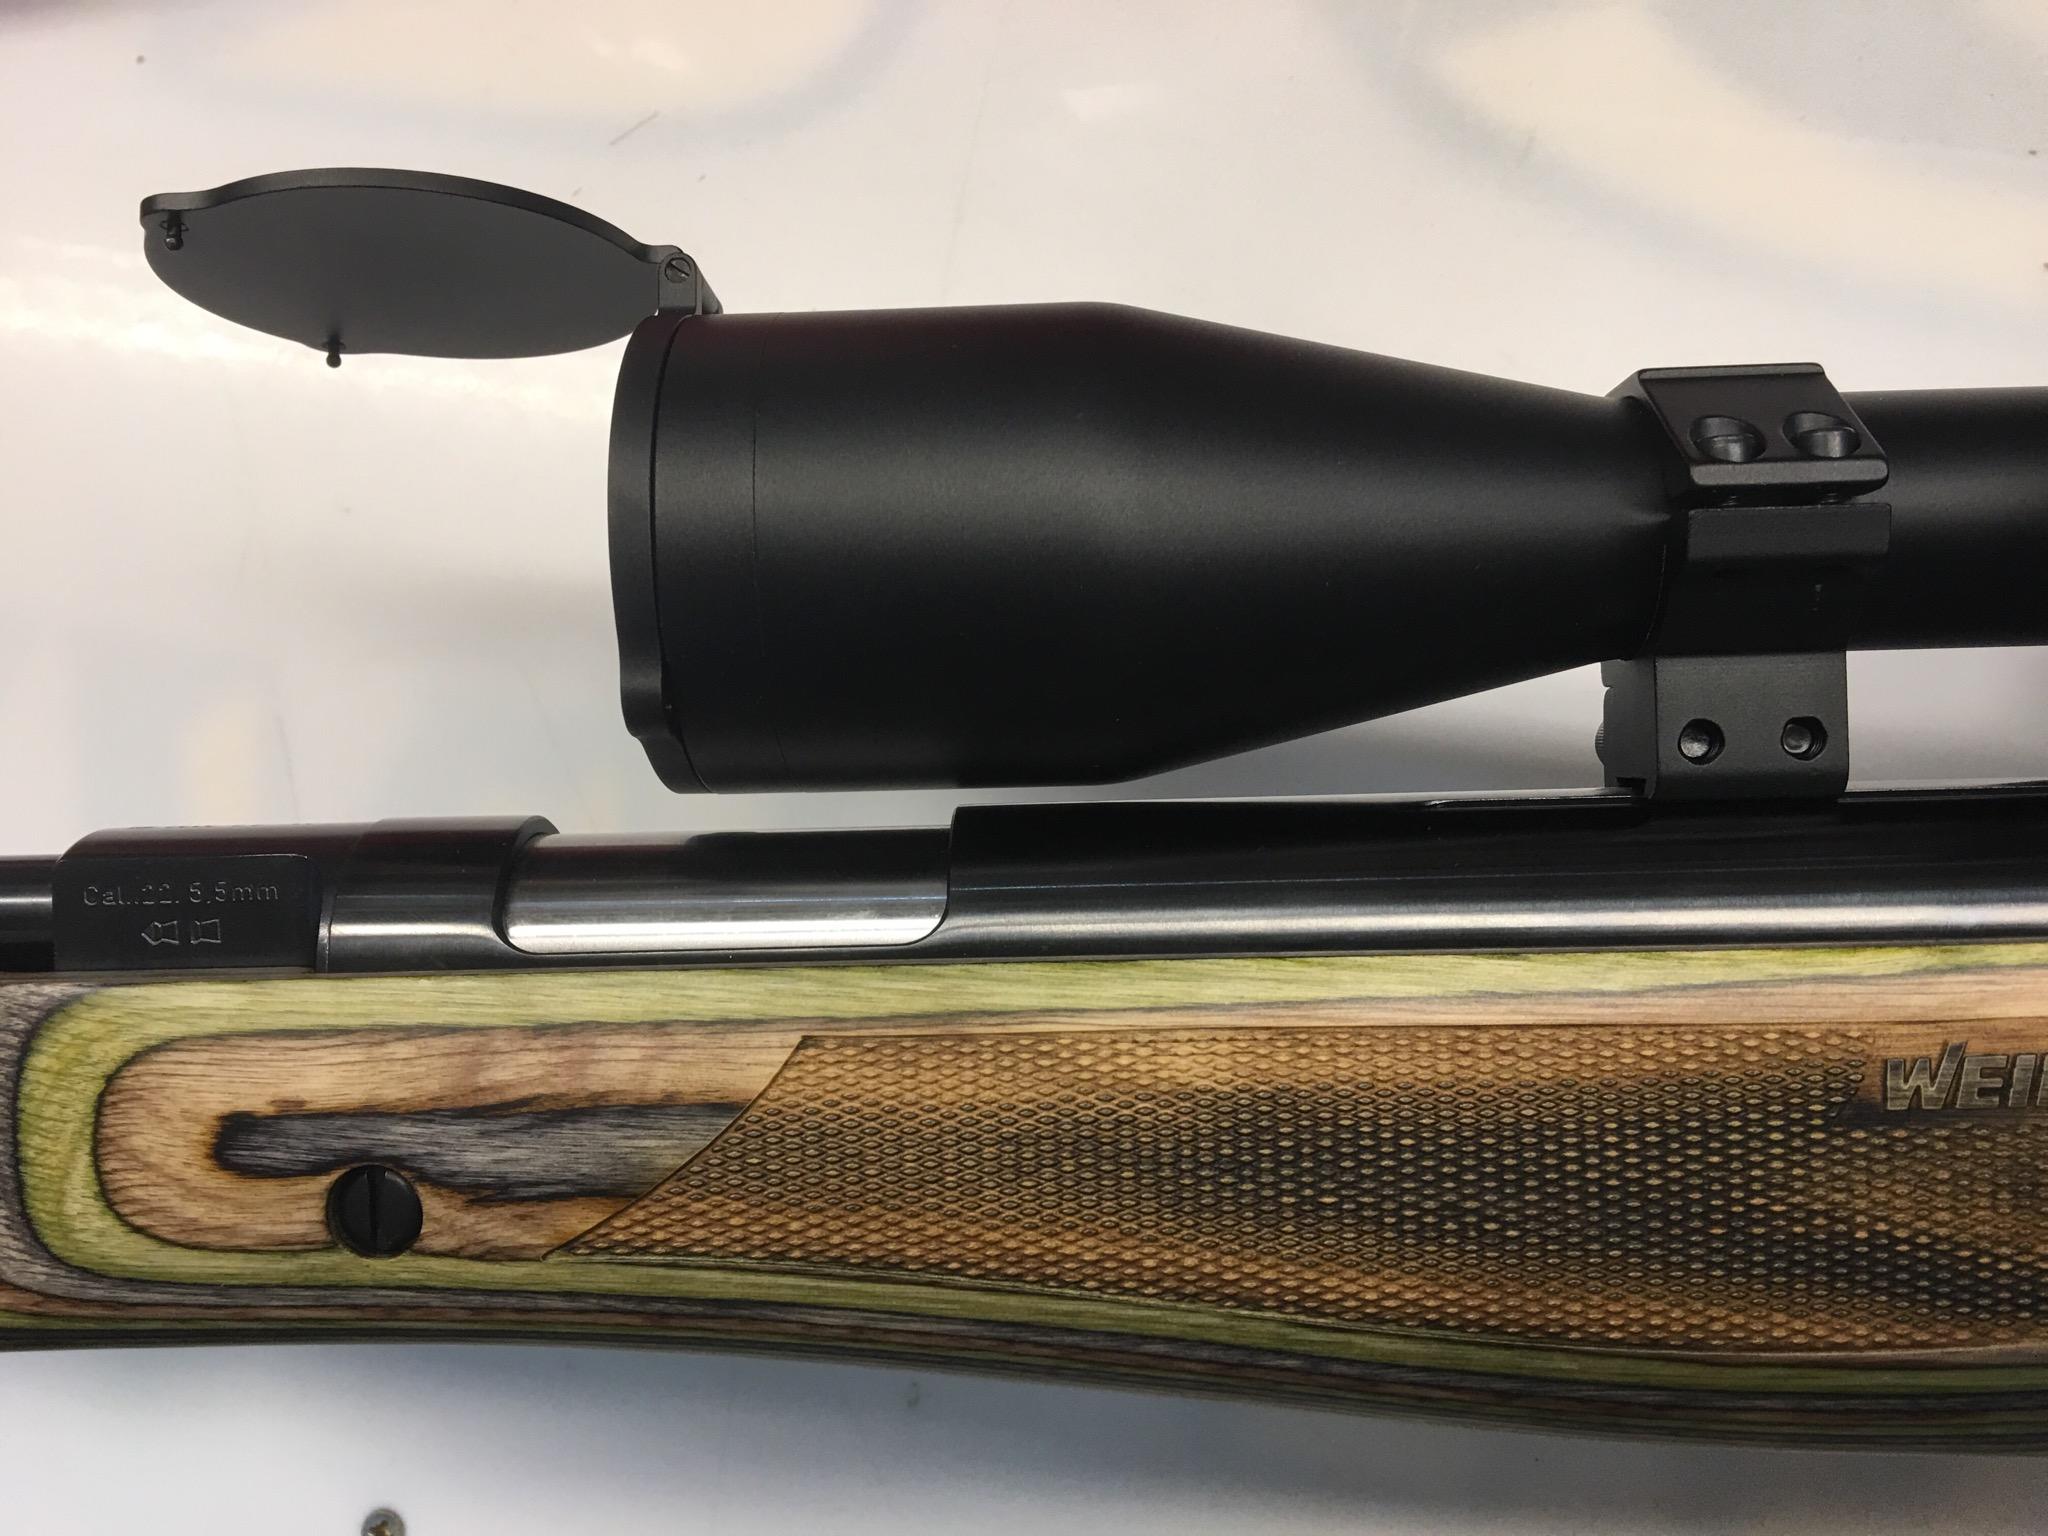 Vergleichsweise sehen Sie hier das selbe Gewehr und eine flachere Montage.